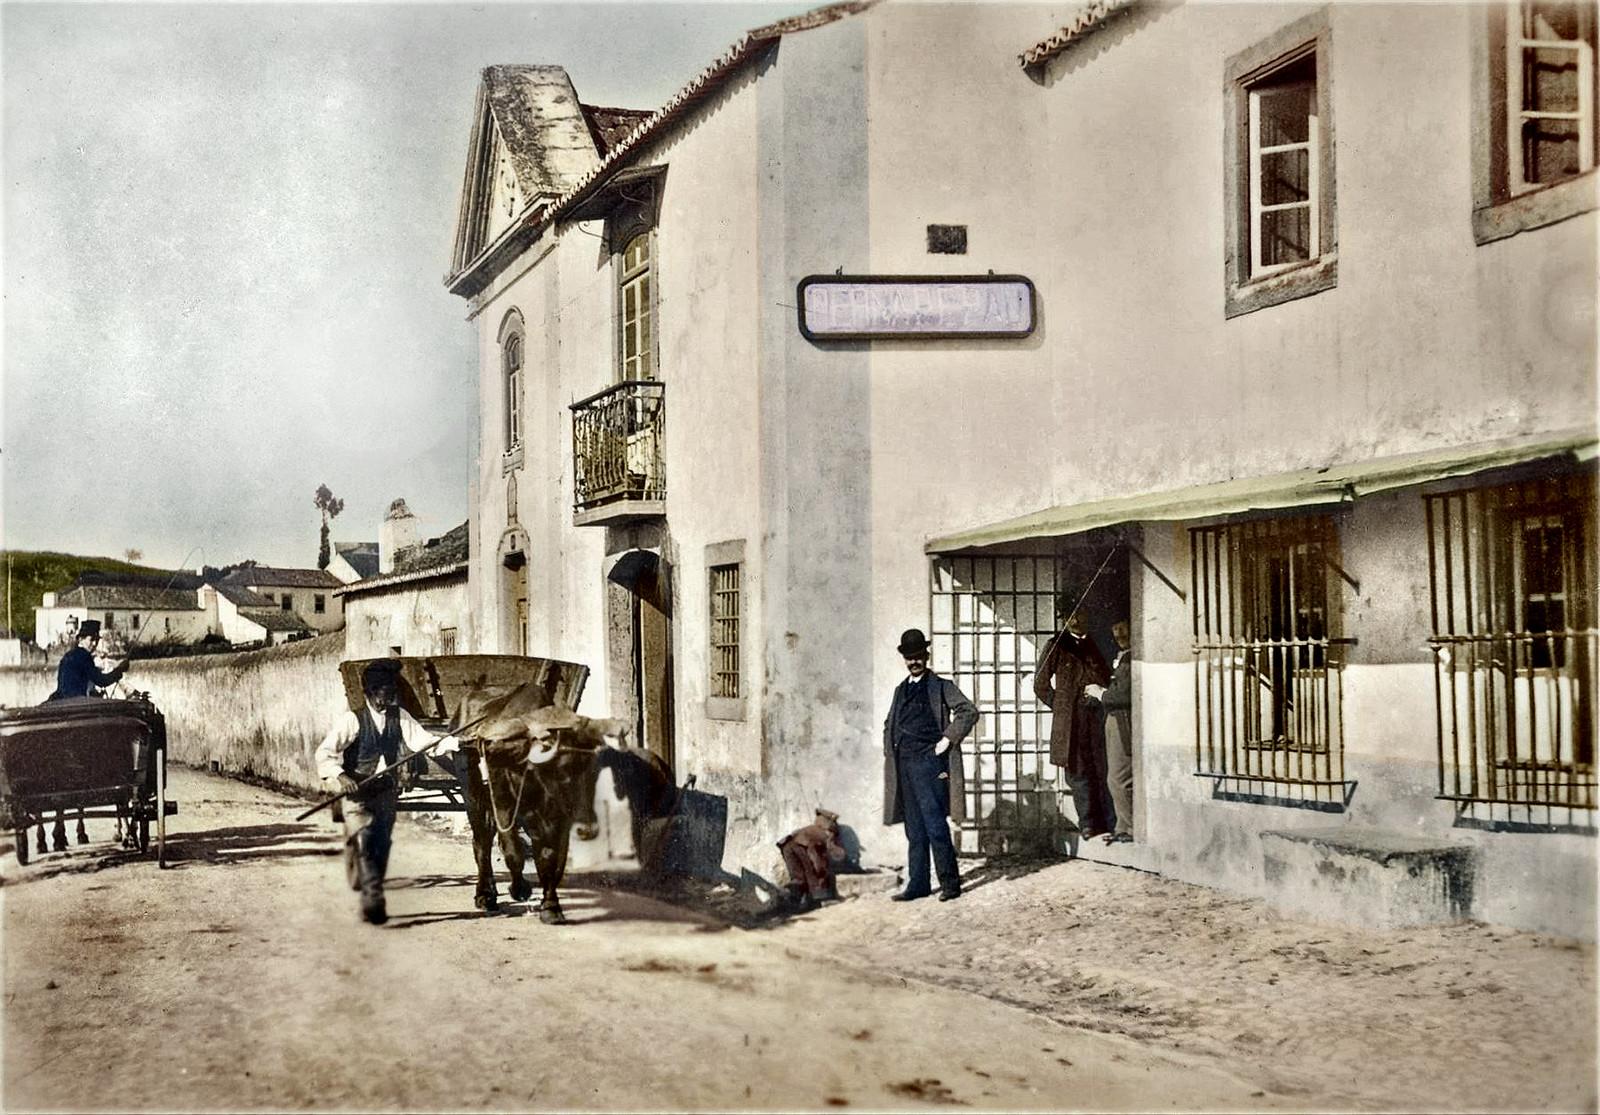 Retiro da Perna de Pau ao Areeiro, na antiga Estrada de Sacavém (E. Portugal, c. 1900)